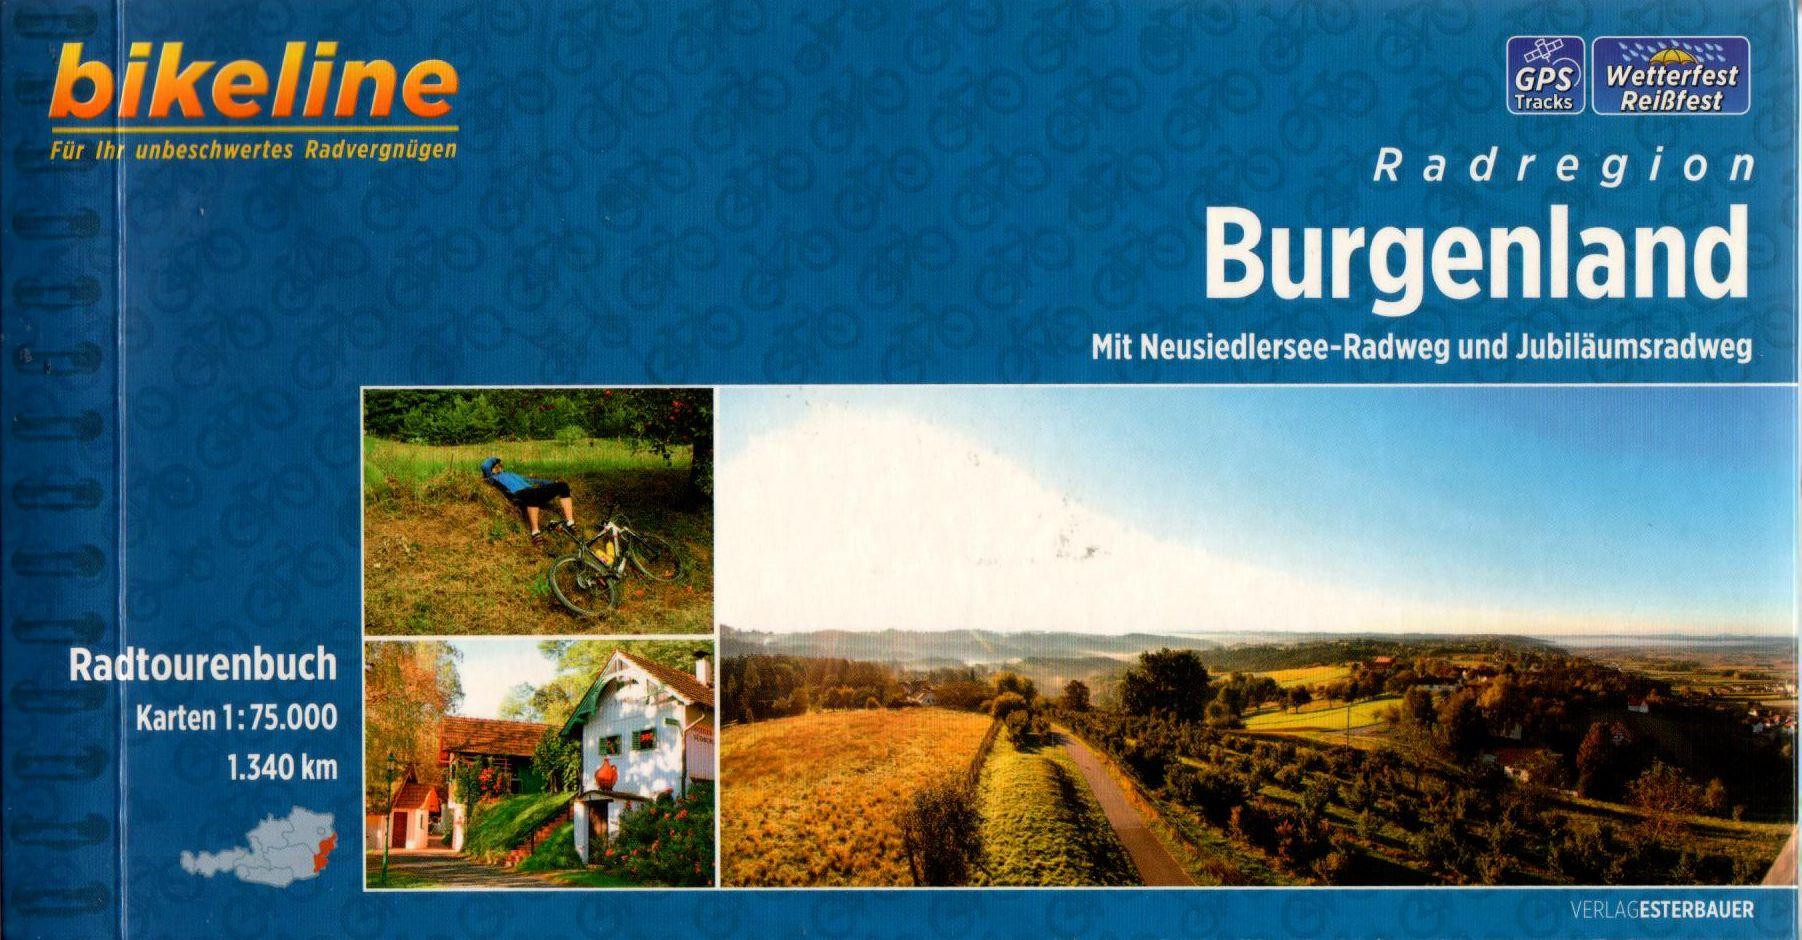 Spirál kötésű, 12 x 23 cm-es német nyelvű térképes utiköny Burgenland kerékpáros túraútvonalairól, benne a Fertő-kerülő túrával